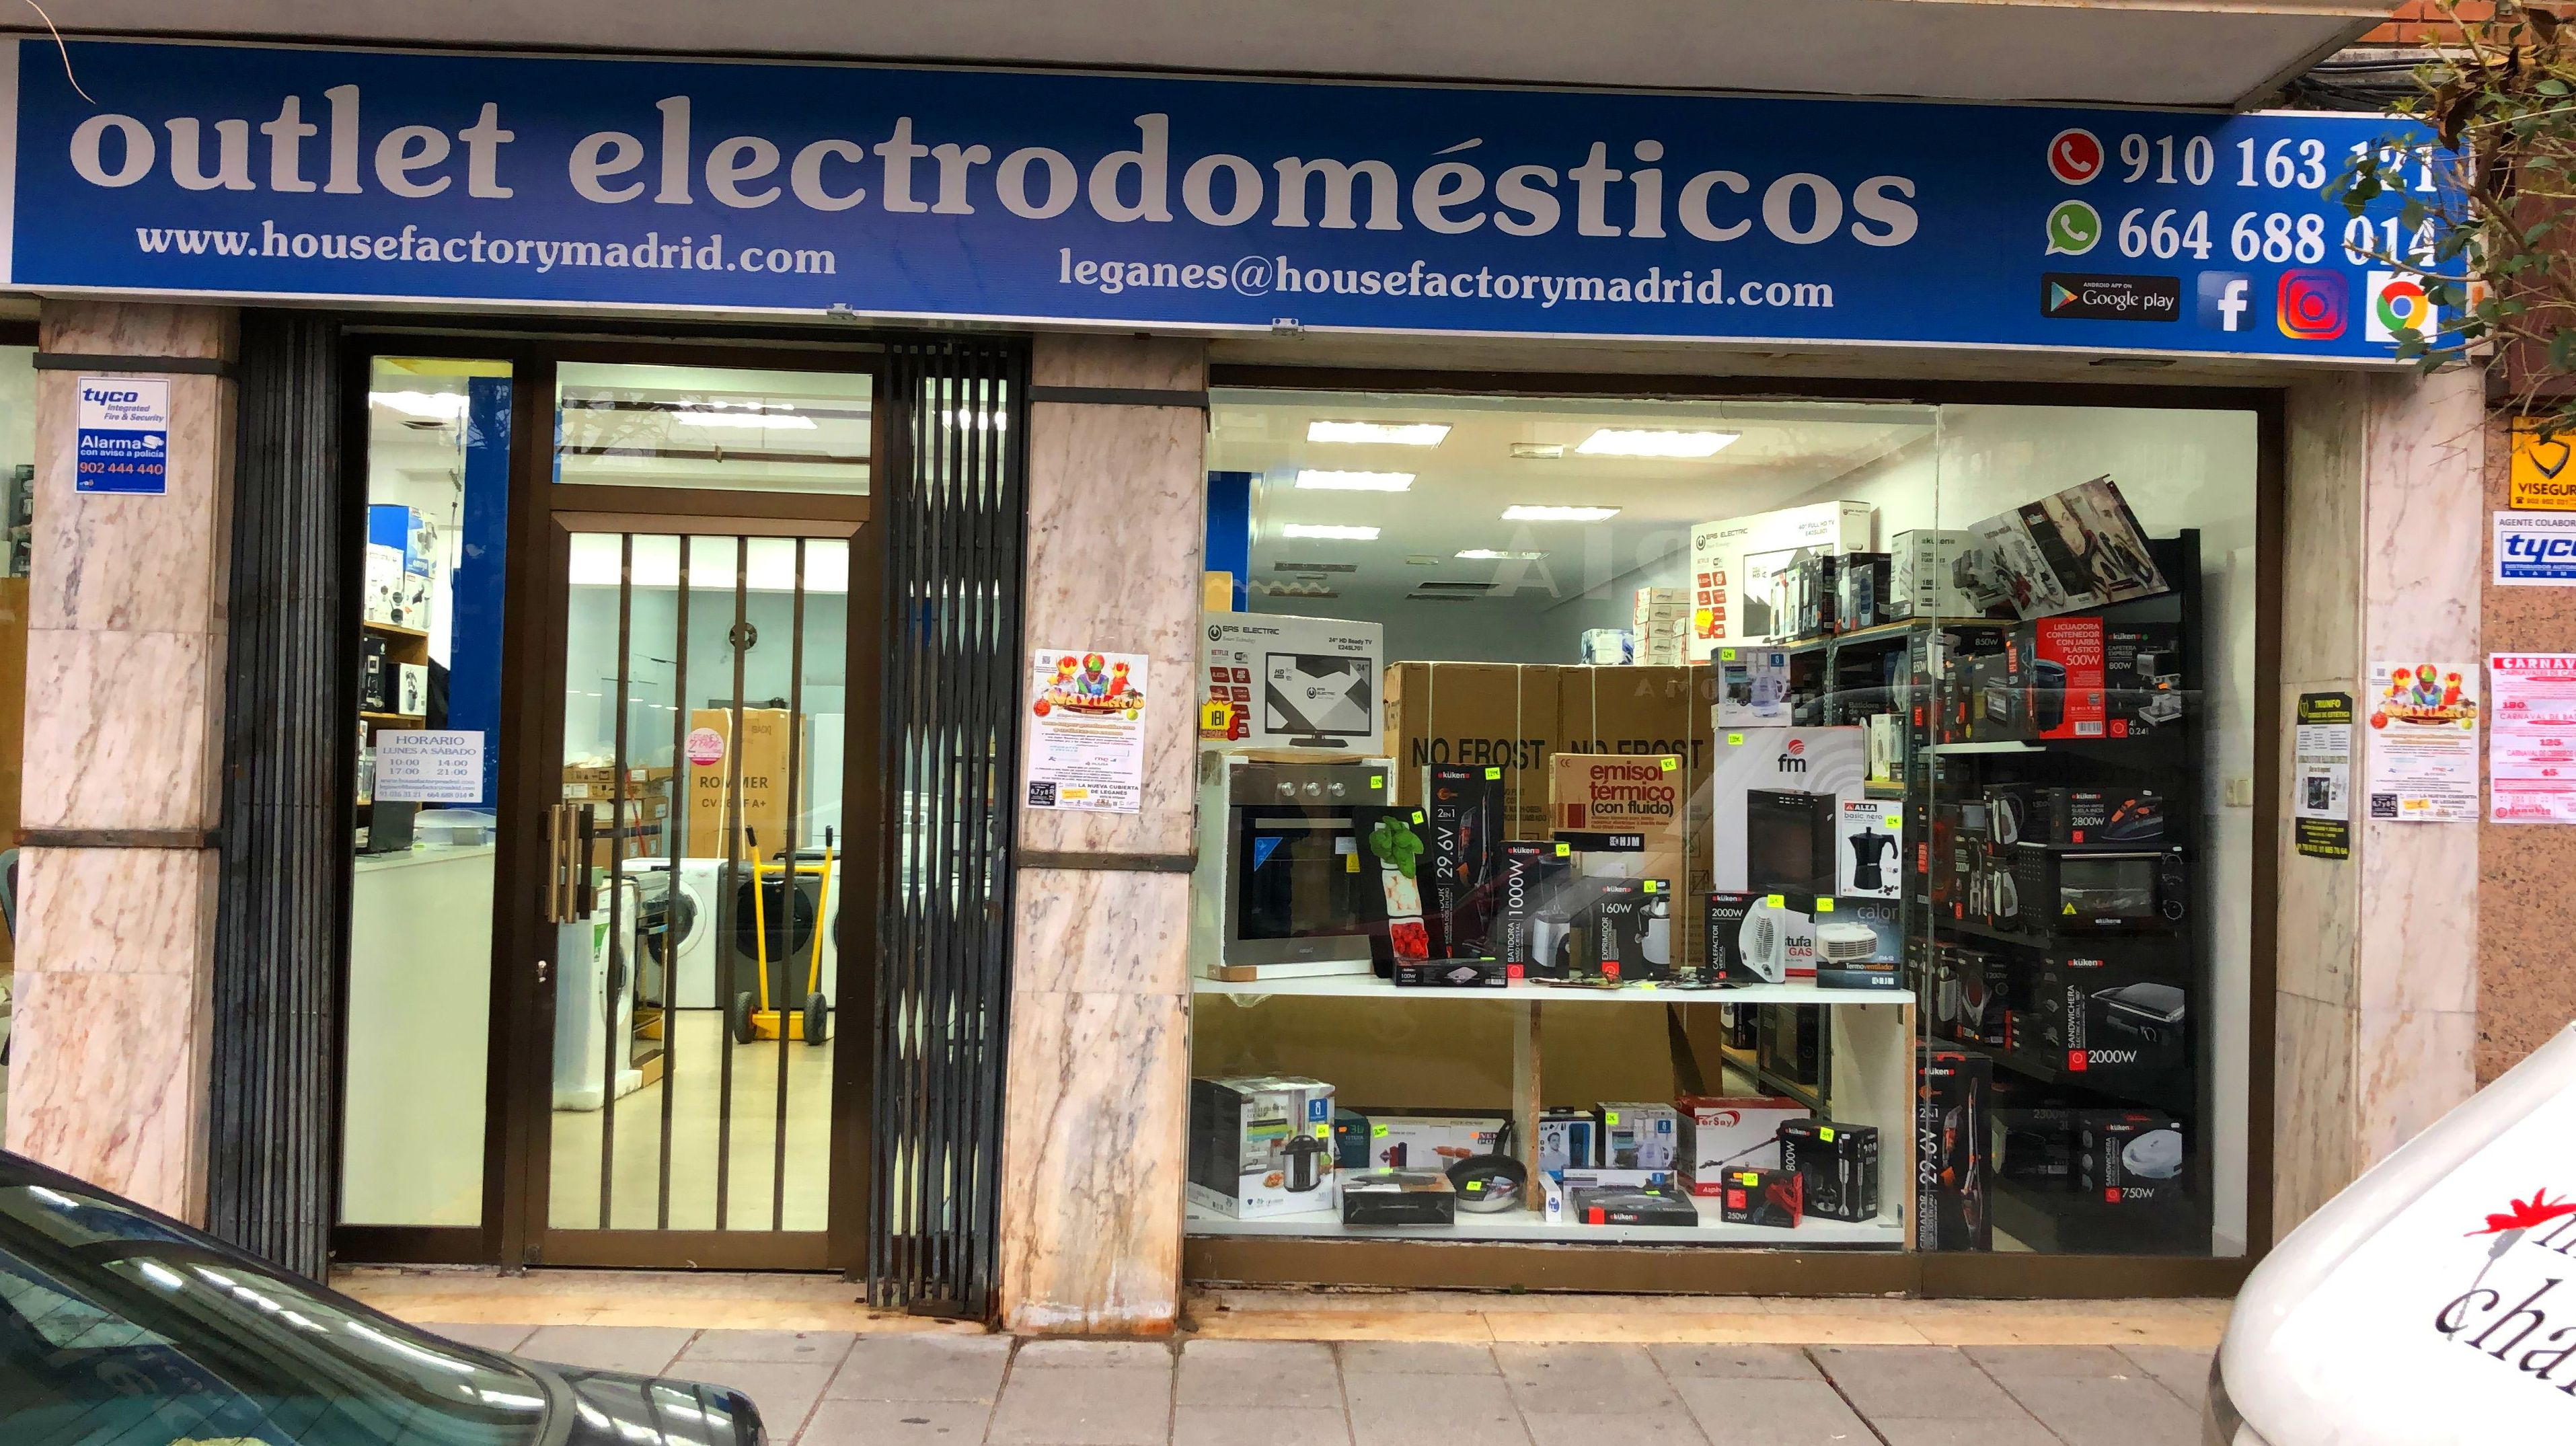 Foto 14 de Outlet de electrodomésticos en Pueblo Nuevo | House Factory Madrid Outlet de Electrodomésticos Pueblo Nuevo